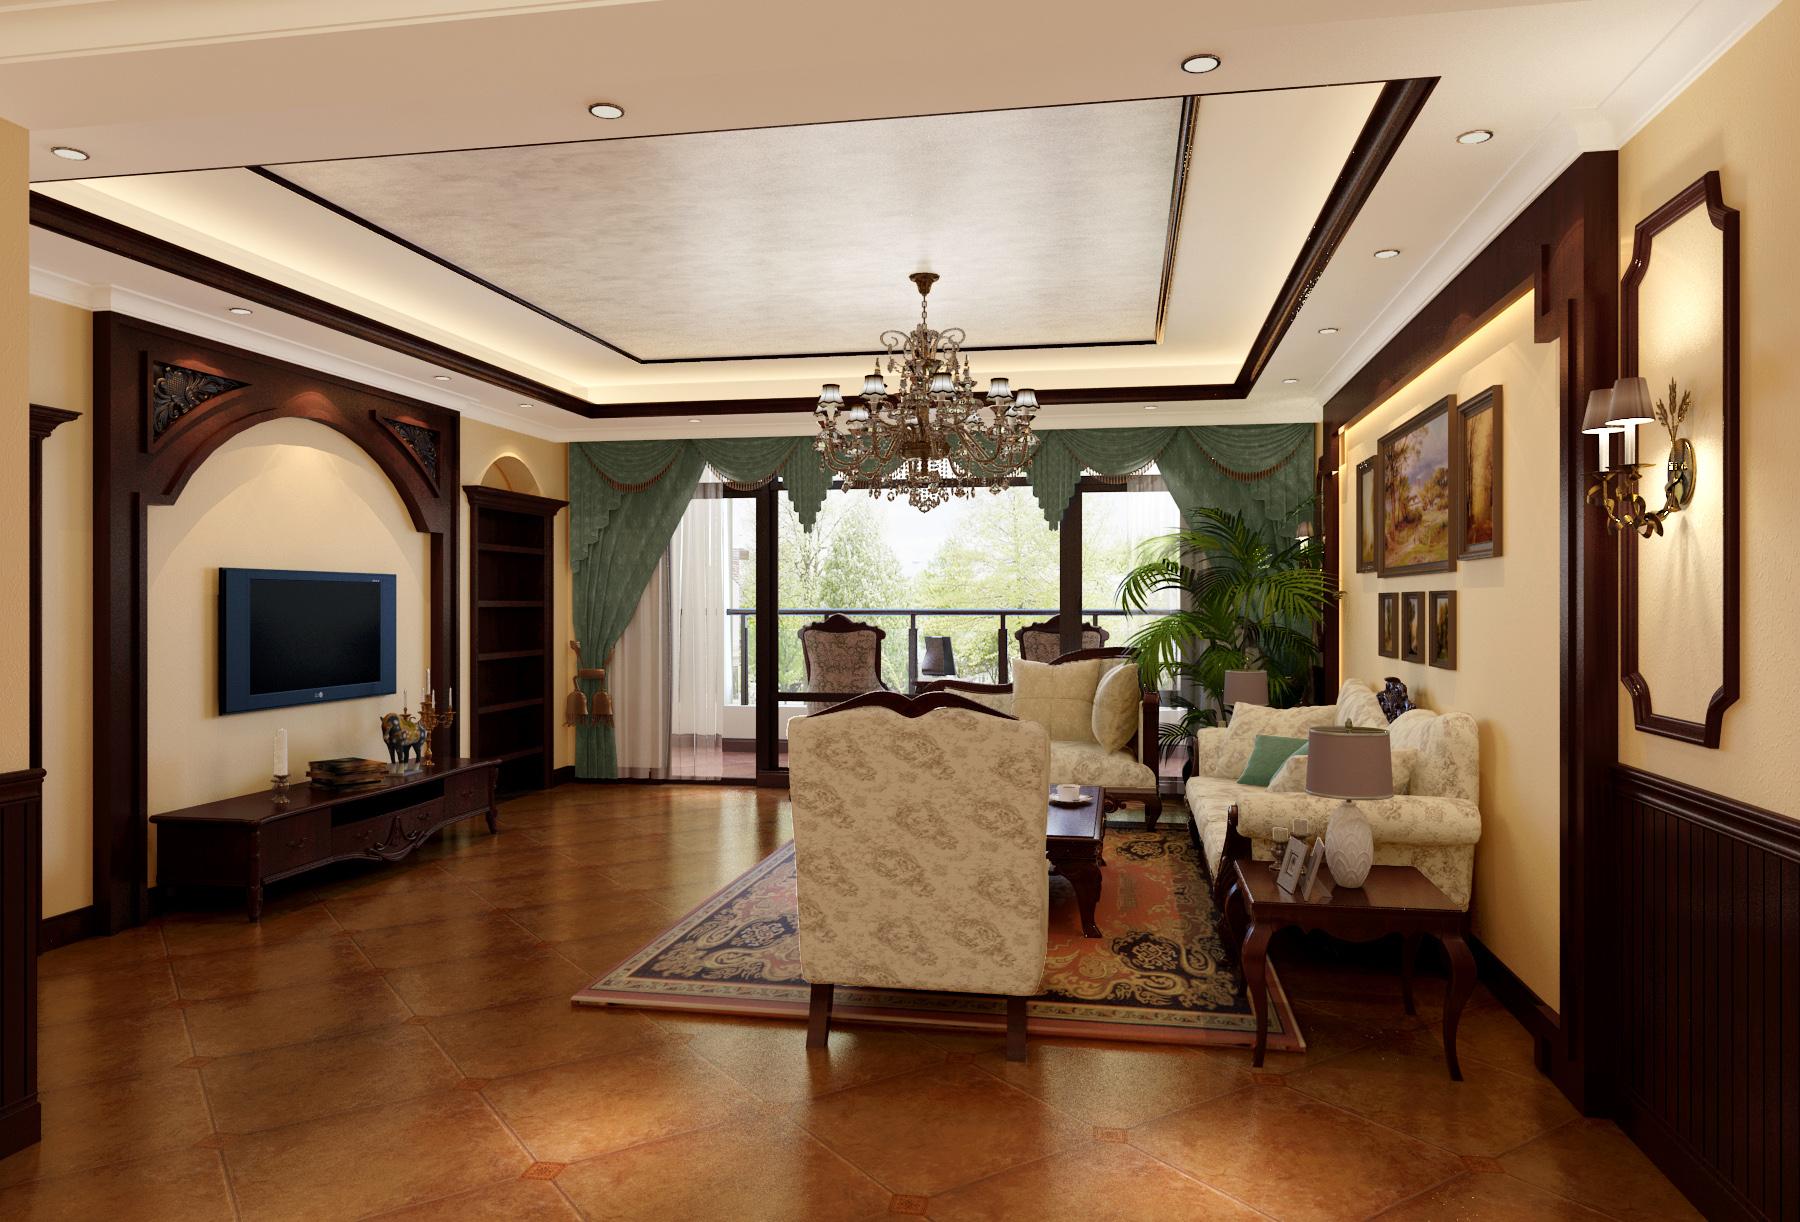 欧式 别墅 客厅图片来自北京今朝装饰刘在玉翠尚府的分享